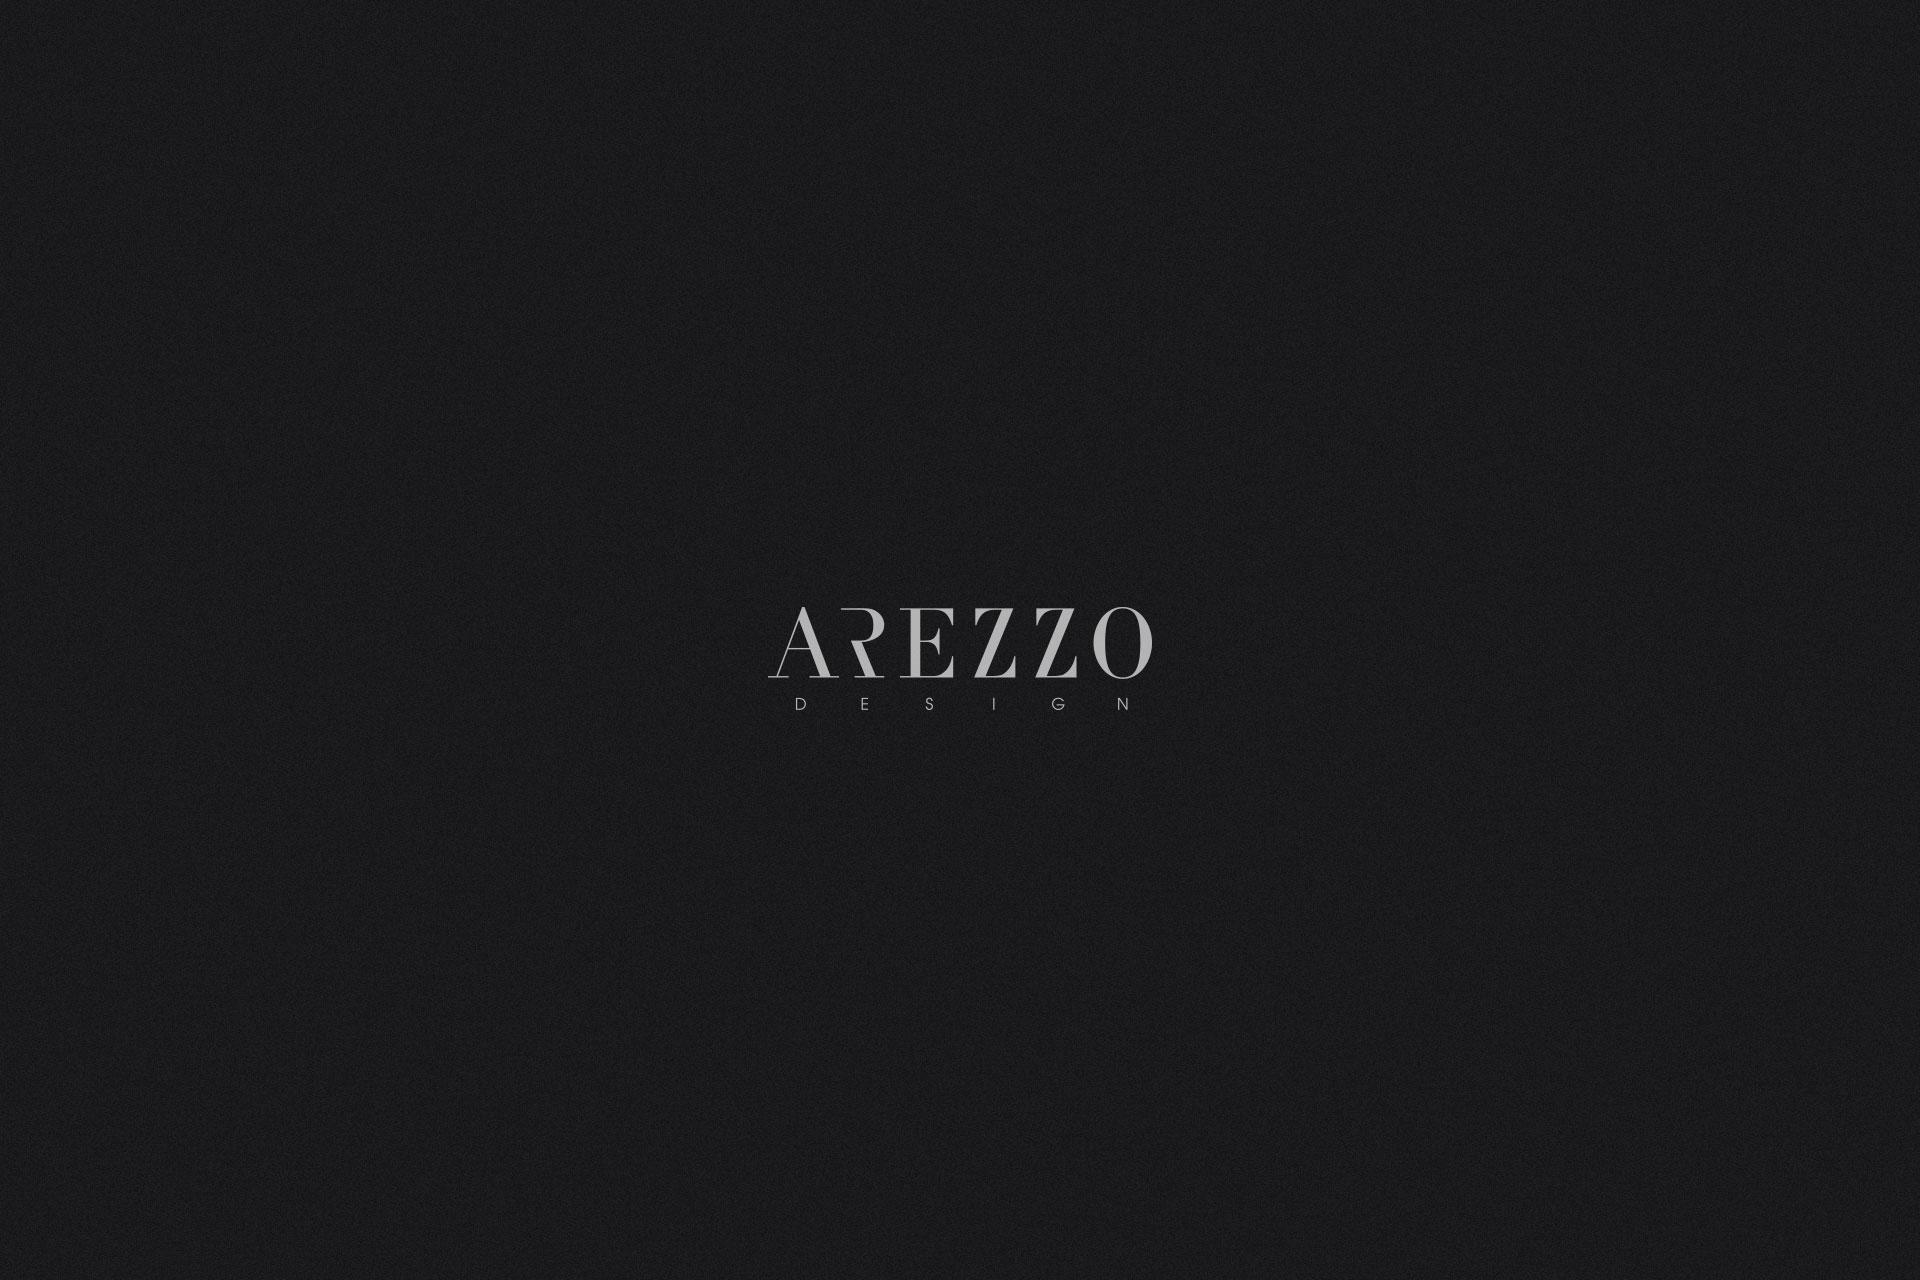 Logos & Brandmarks Arezzo